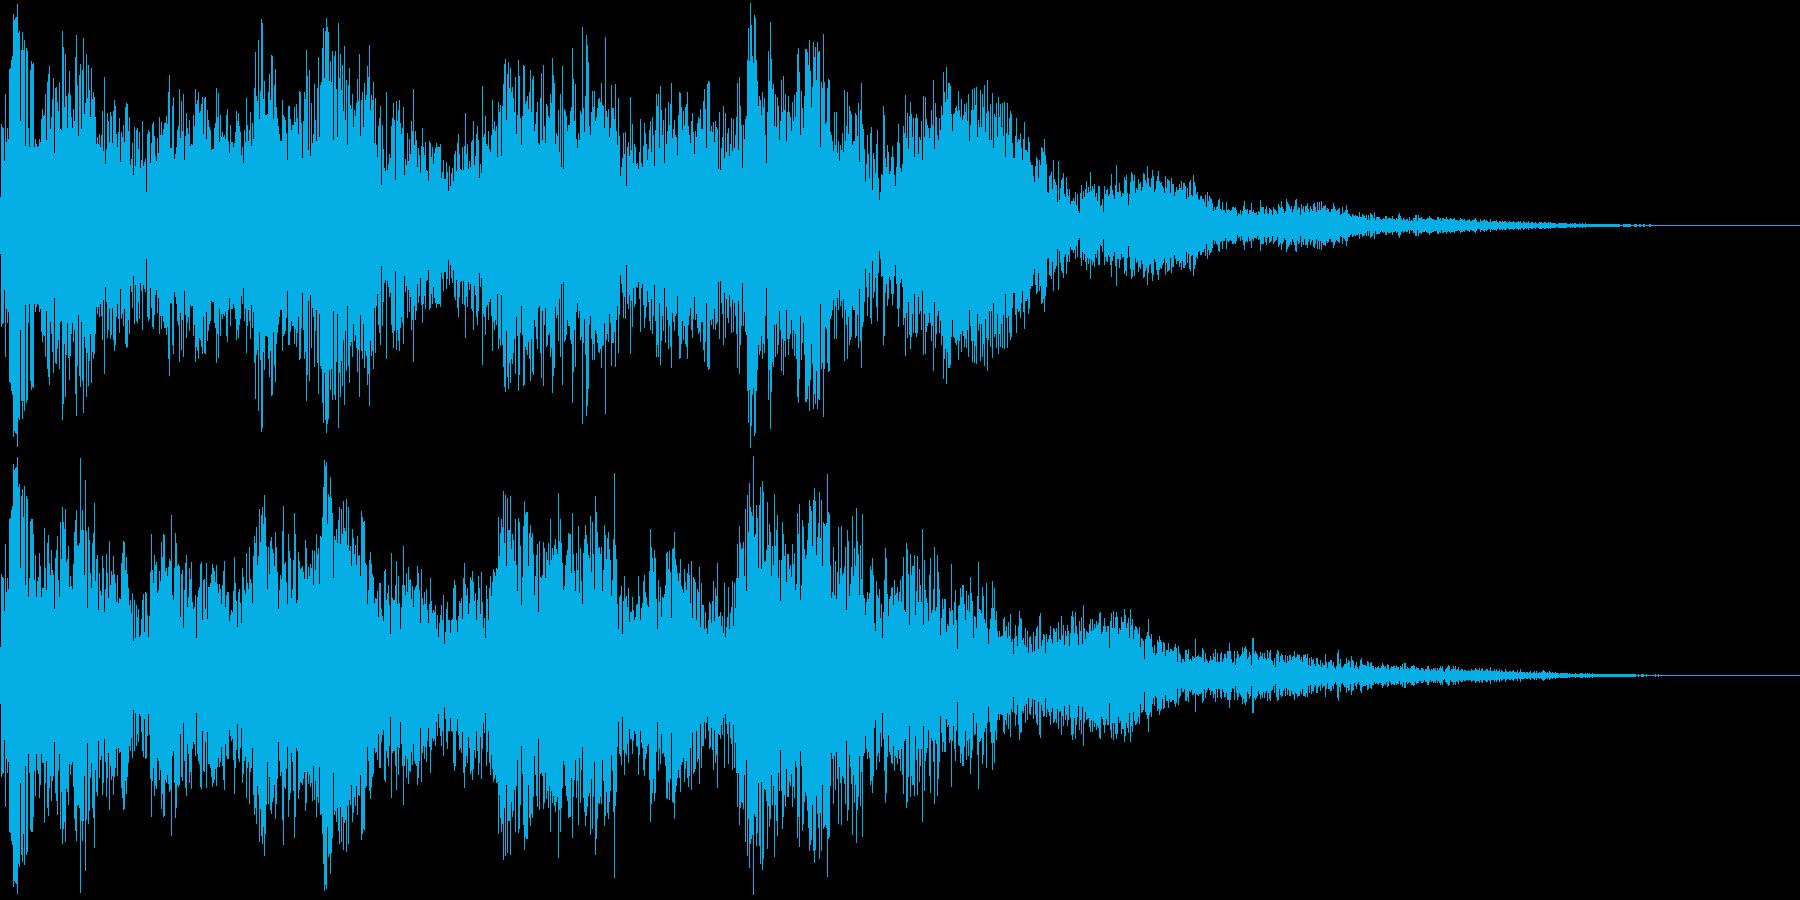 キュイン ピコン ビュイン ギュインの再生済みの波形